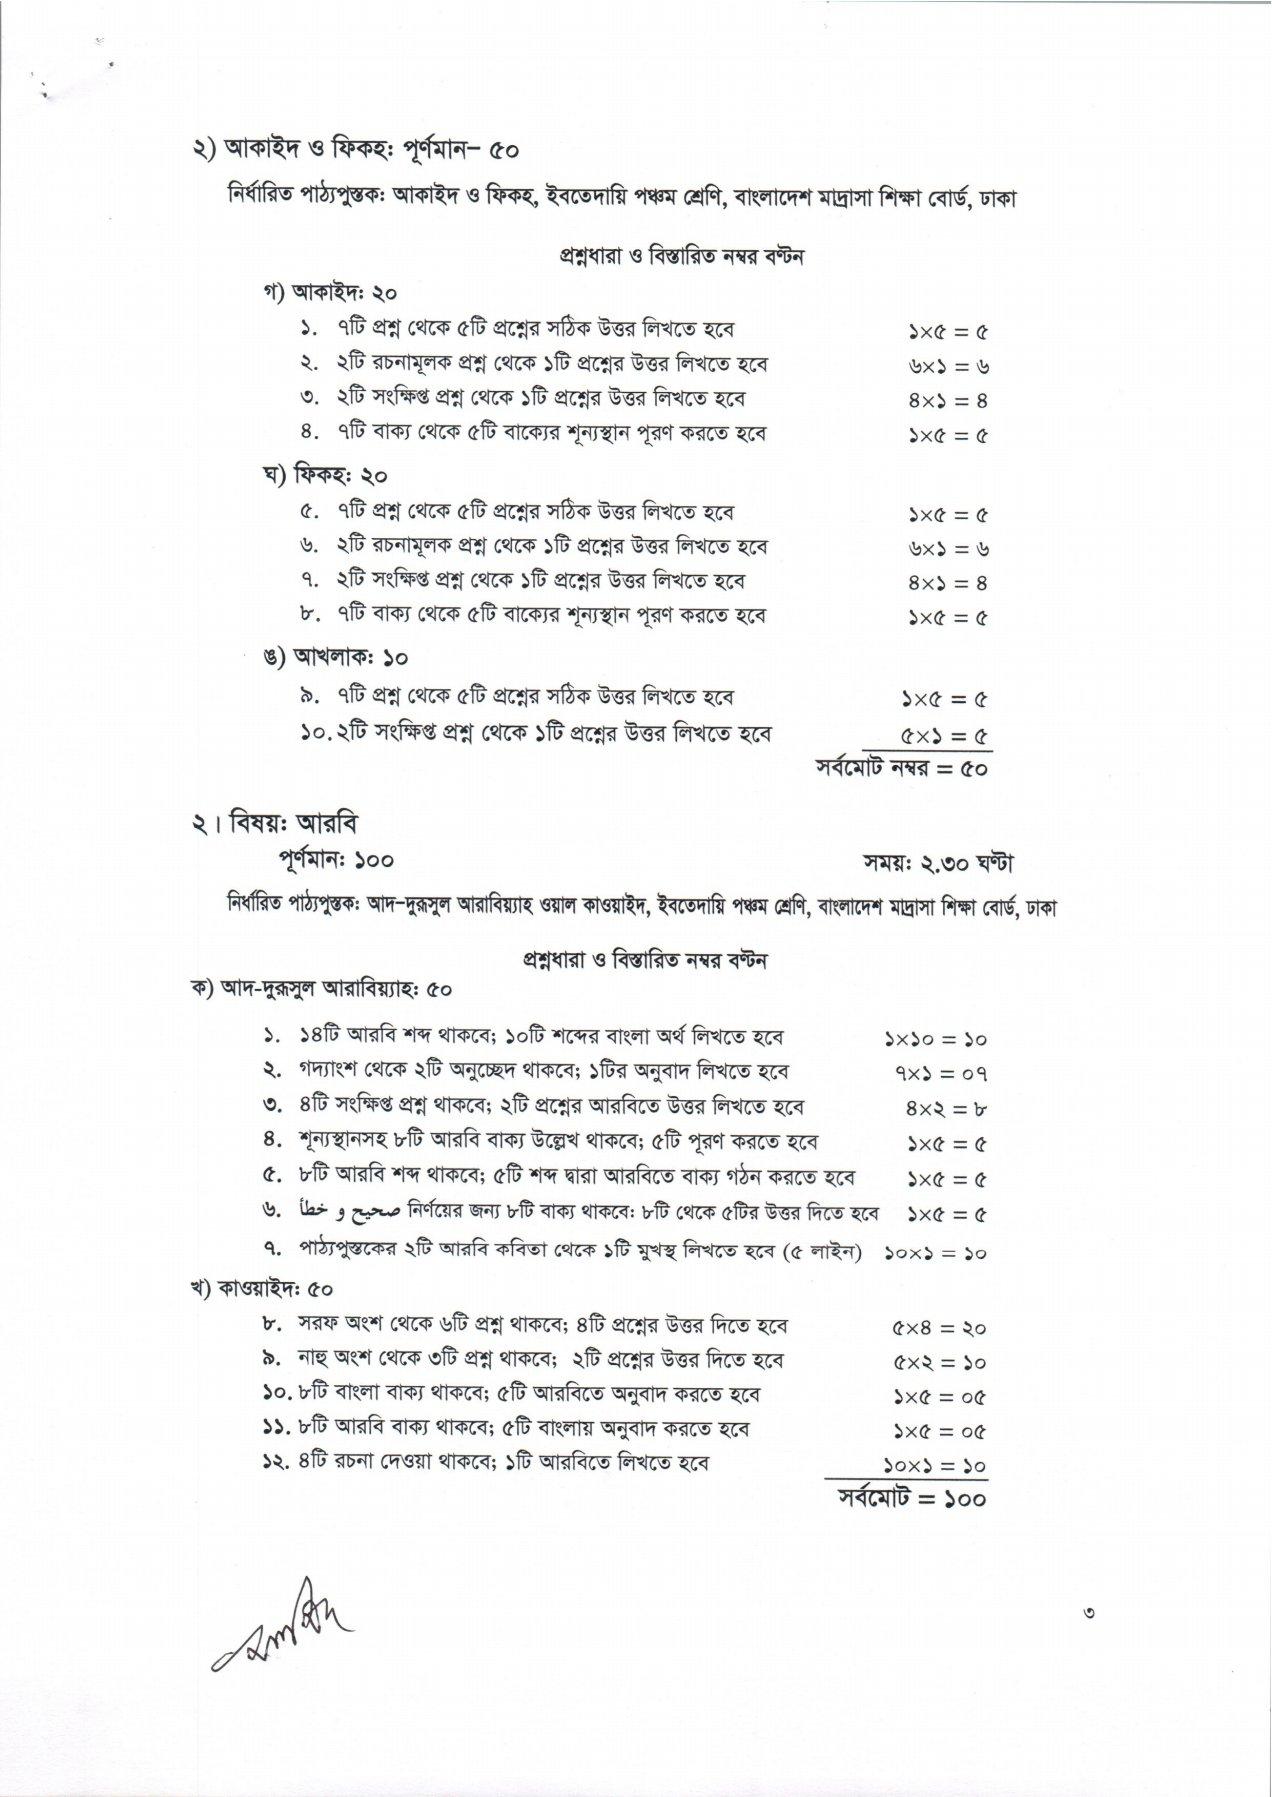 ইবতেদায়ী সিলেবাস ২০২১   ২০২১ ইবতেদায়ী ১ম-৫ম শ্রেণীর সিলেবাস ও মানবন্টন